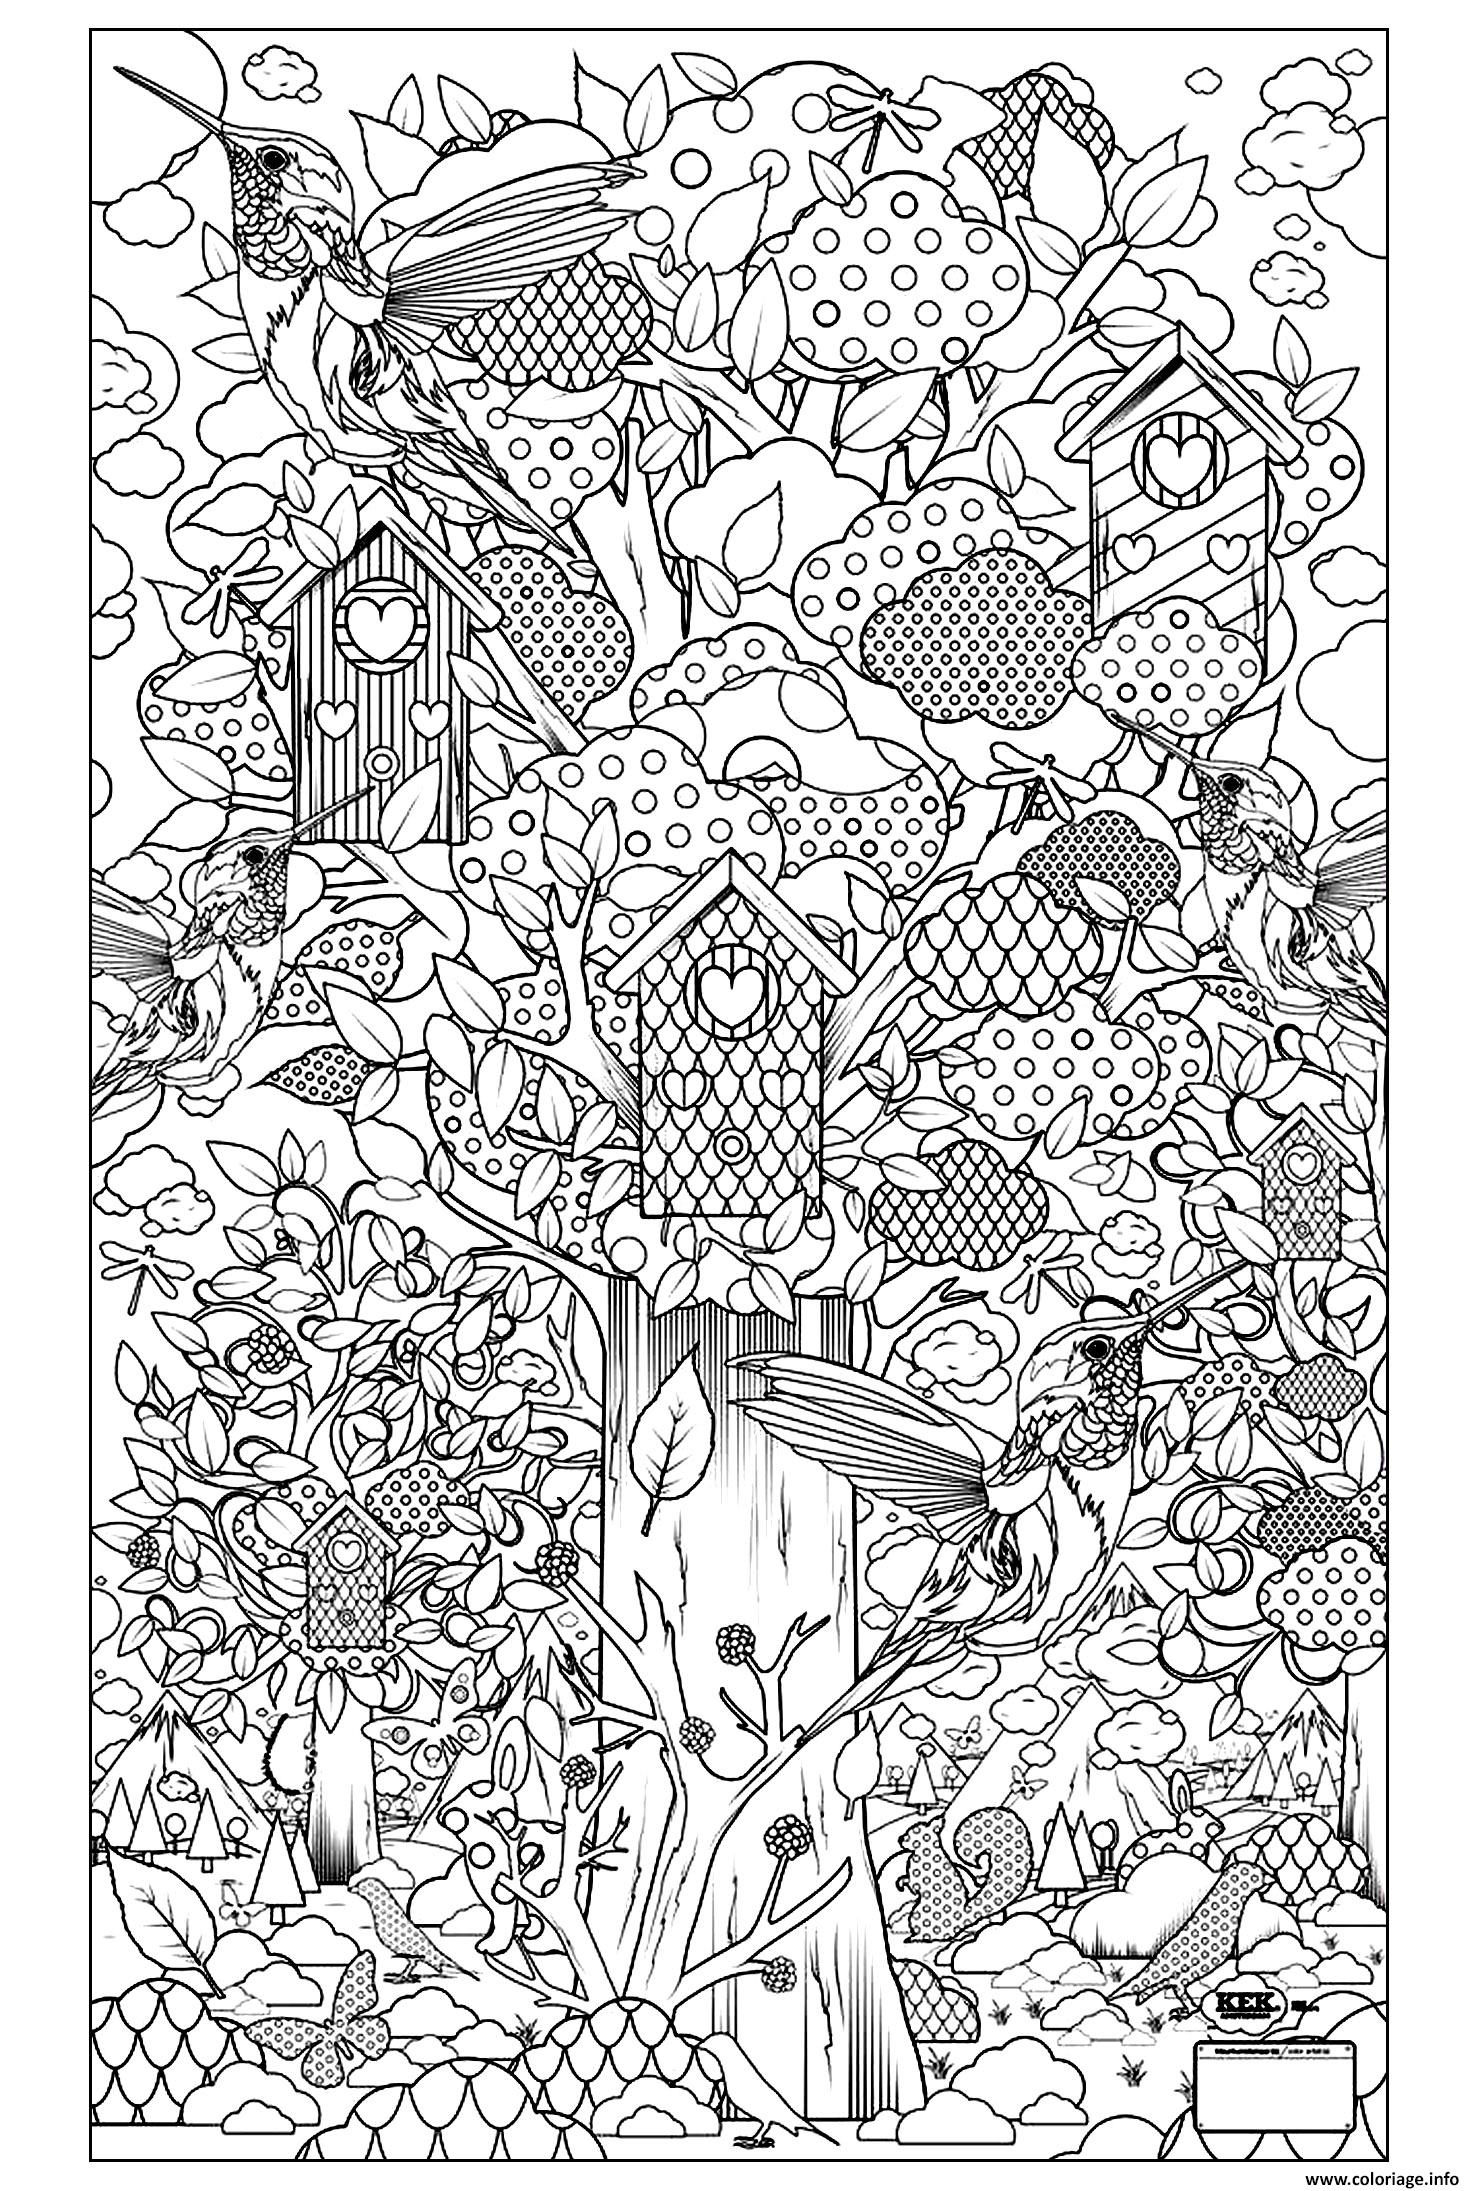 Coloriage adulte animaux oiseaux cabane dessin - Coloriage de cabane ...